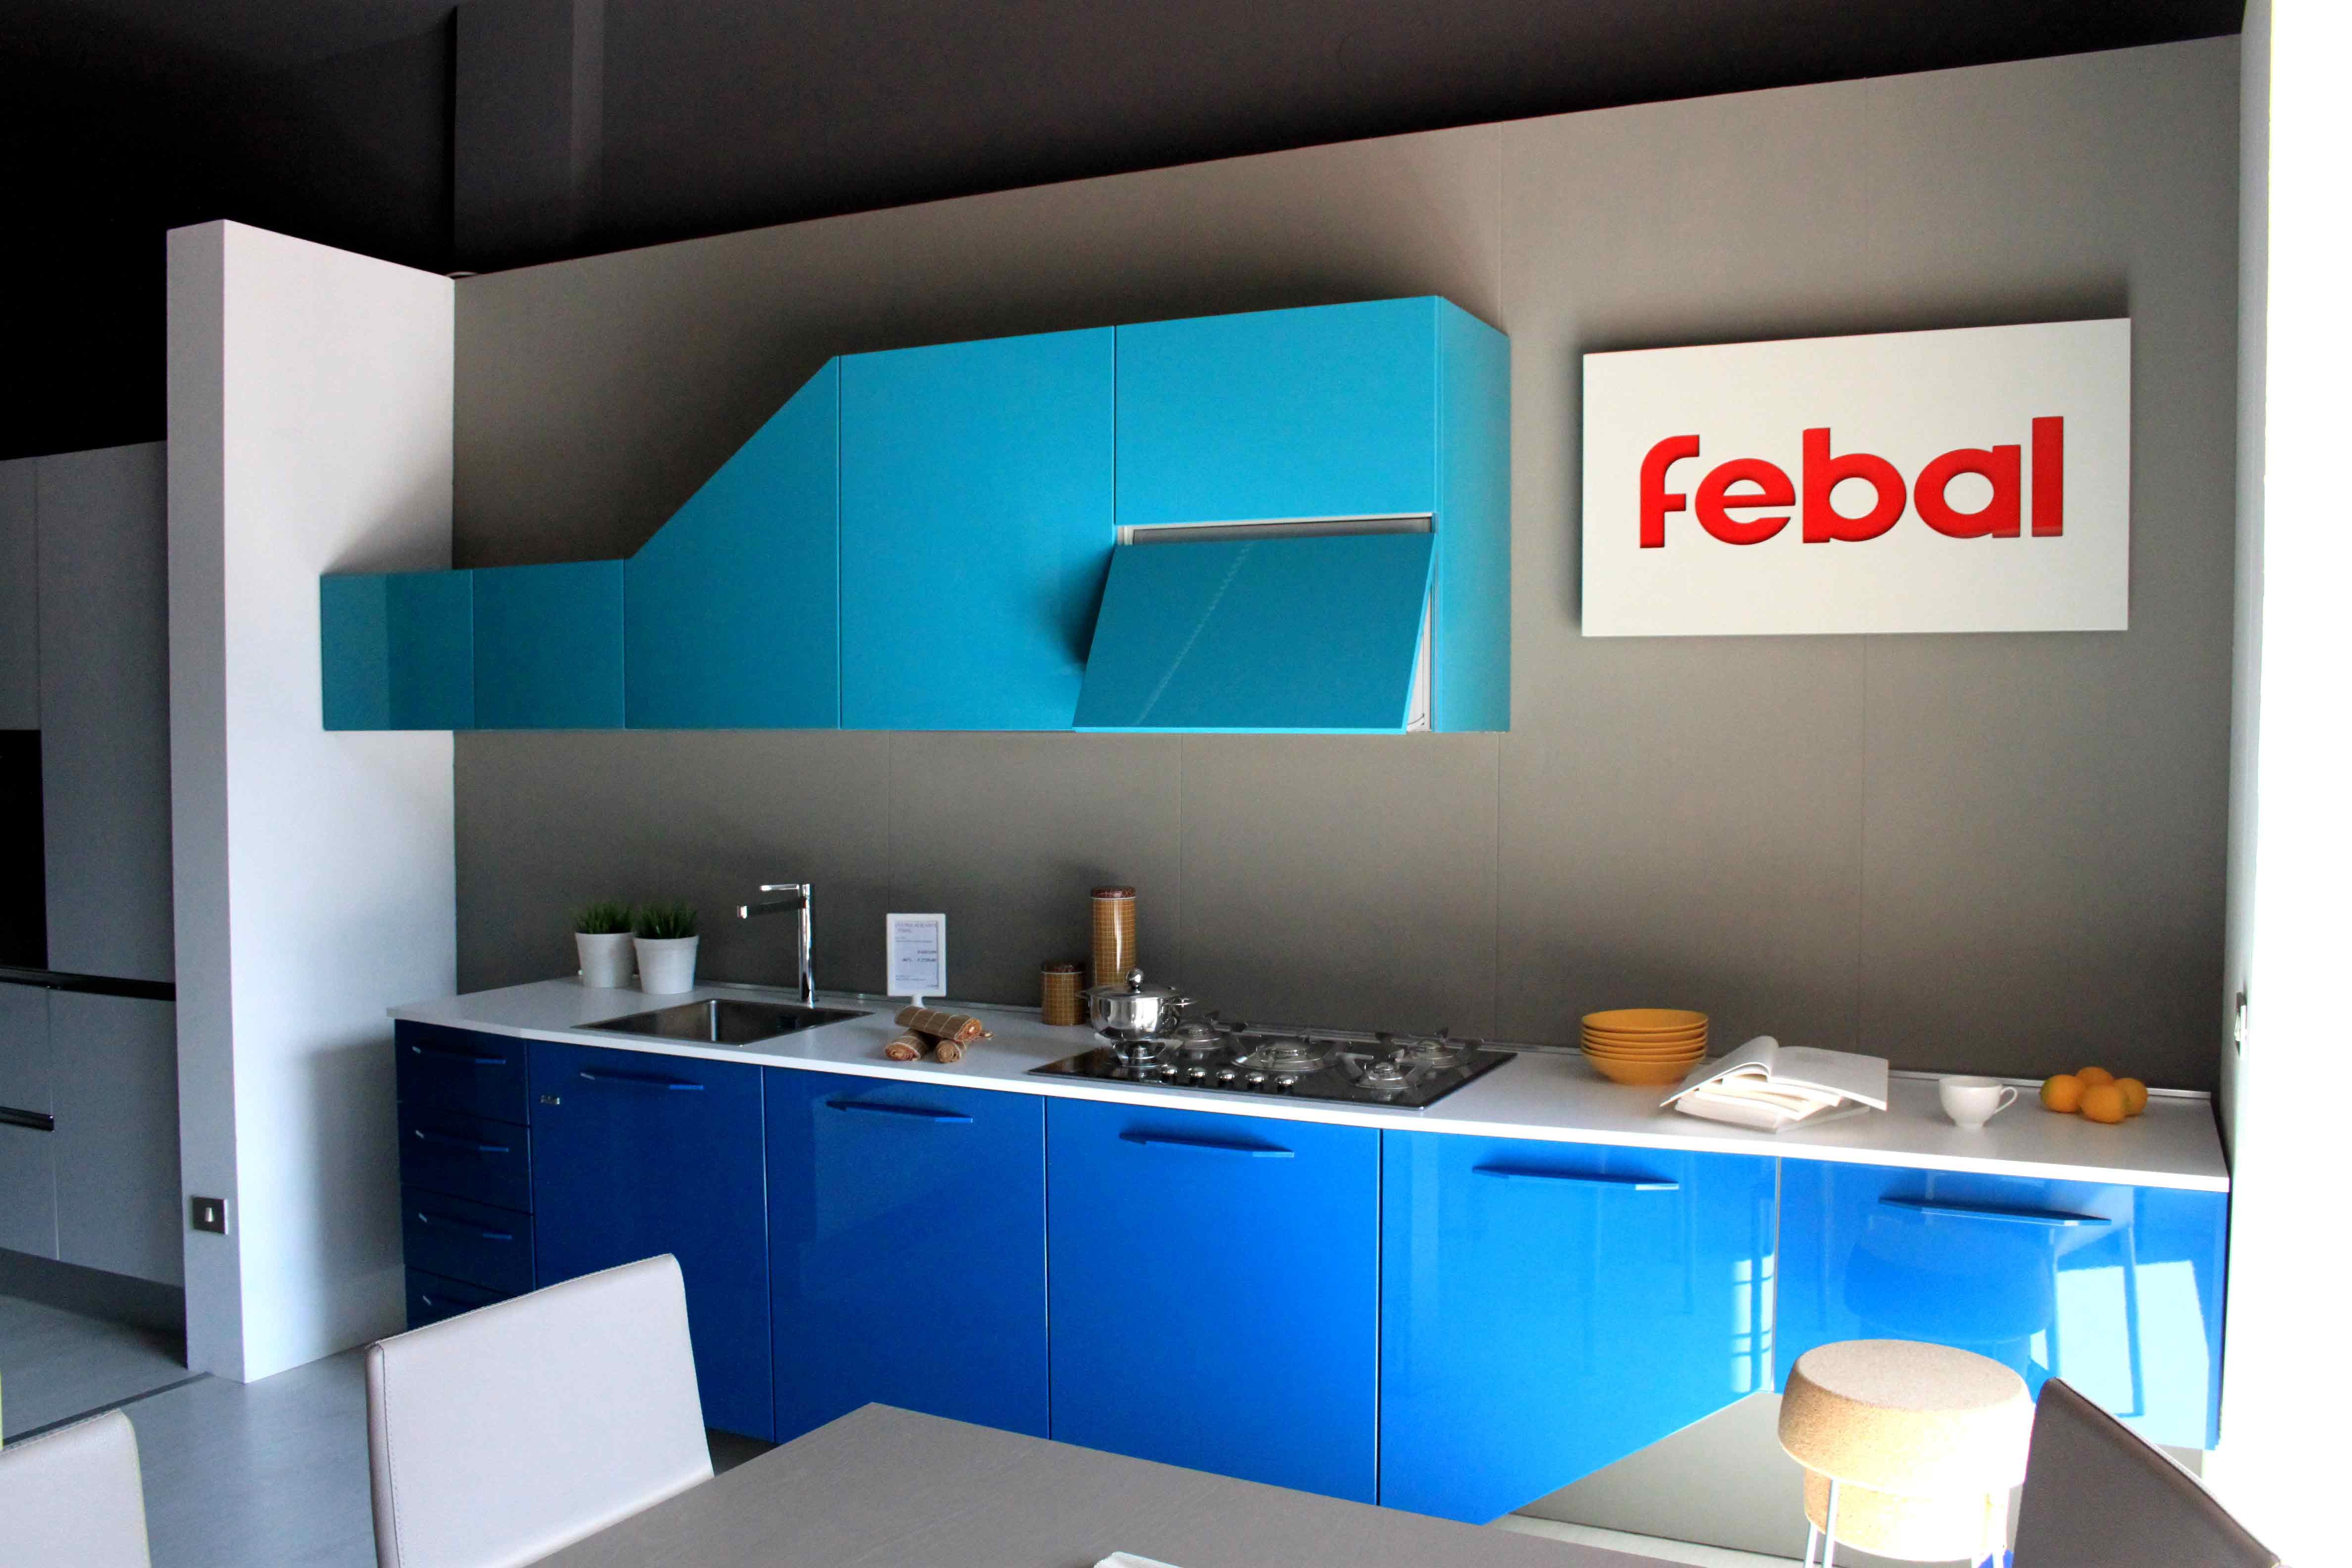 Cucina Mod. Alicante - Febal Casa - Leonetti Design